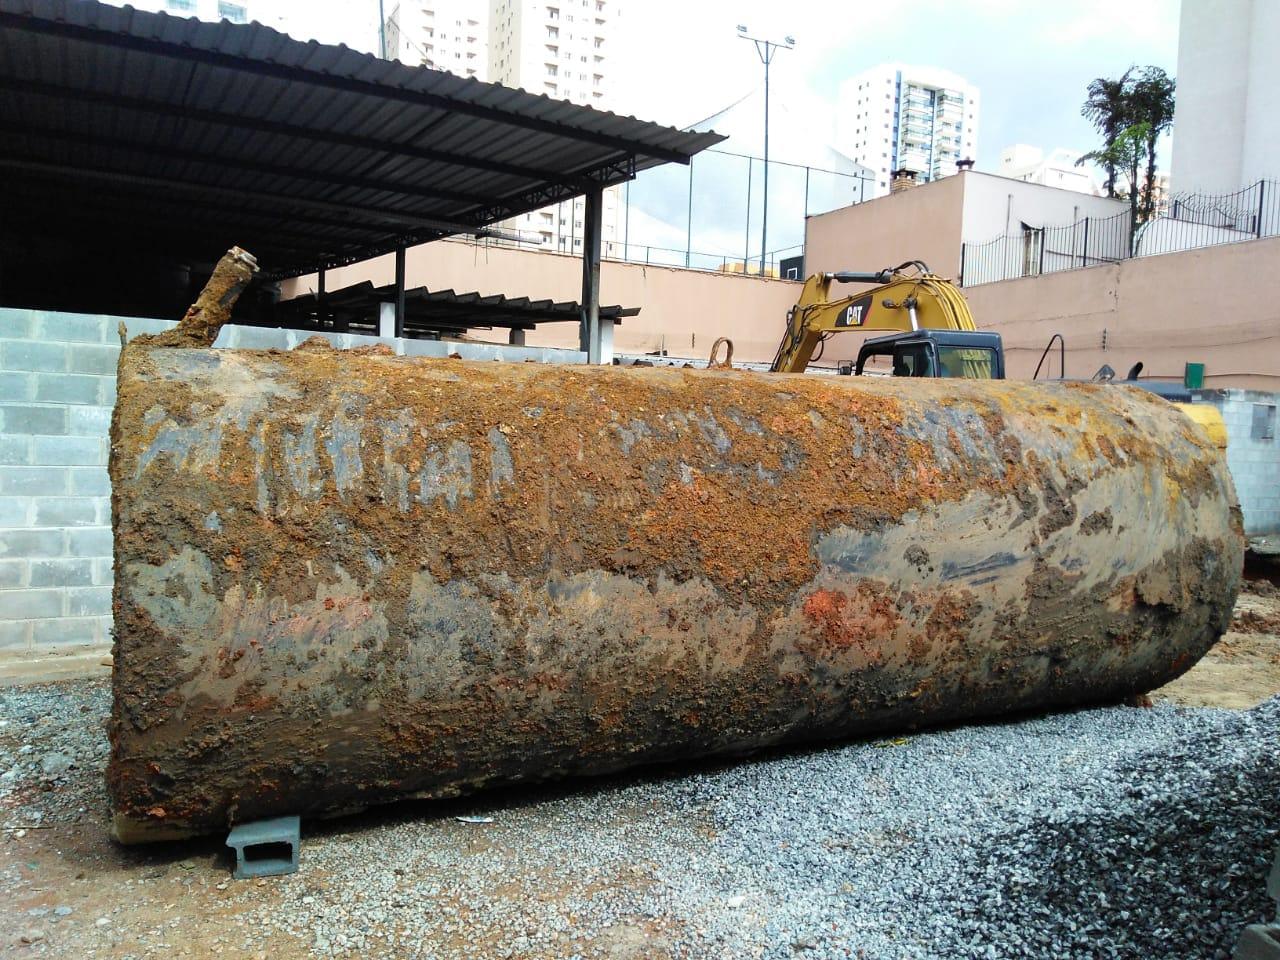 Remoção de Tanque de combustível. Foto: Geres Engenharia. Proibida cópia ou reprodução